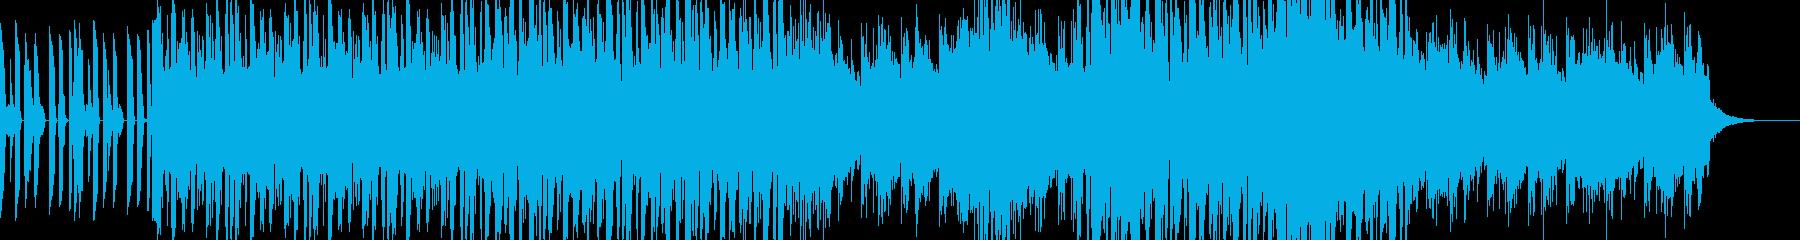 サックスと幻想的なジャズ・フュージョンの再生済みの波形